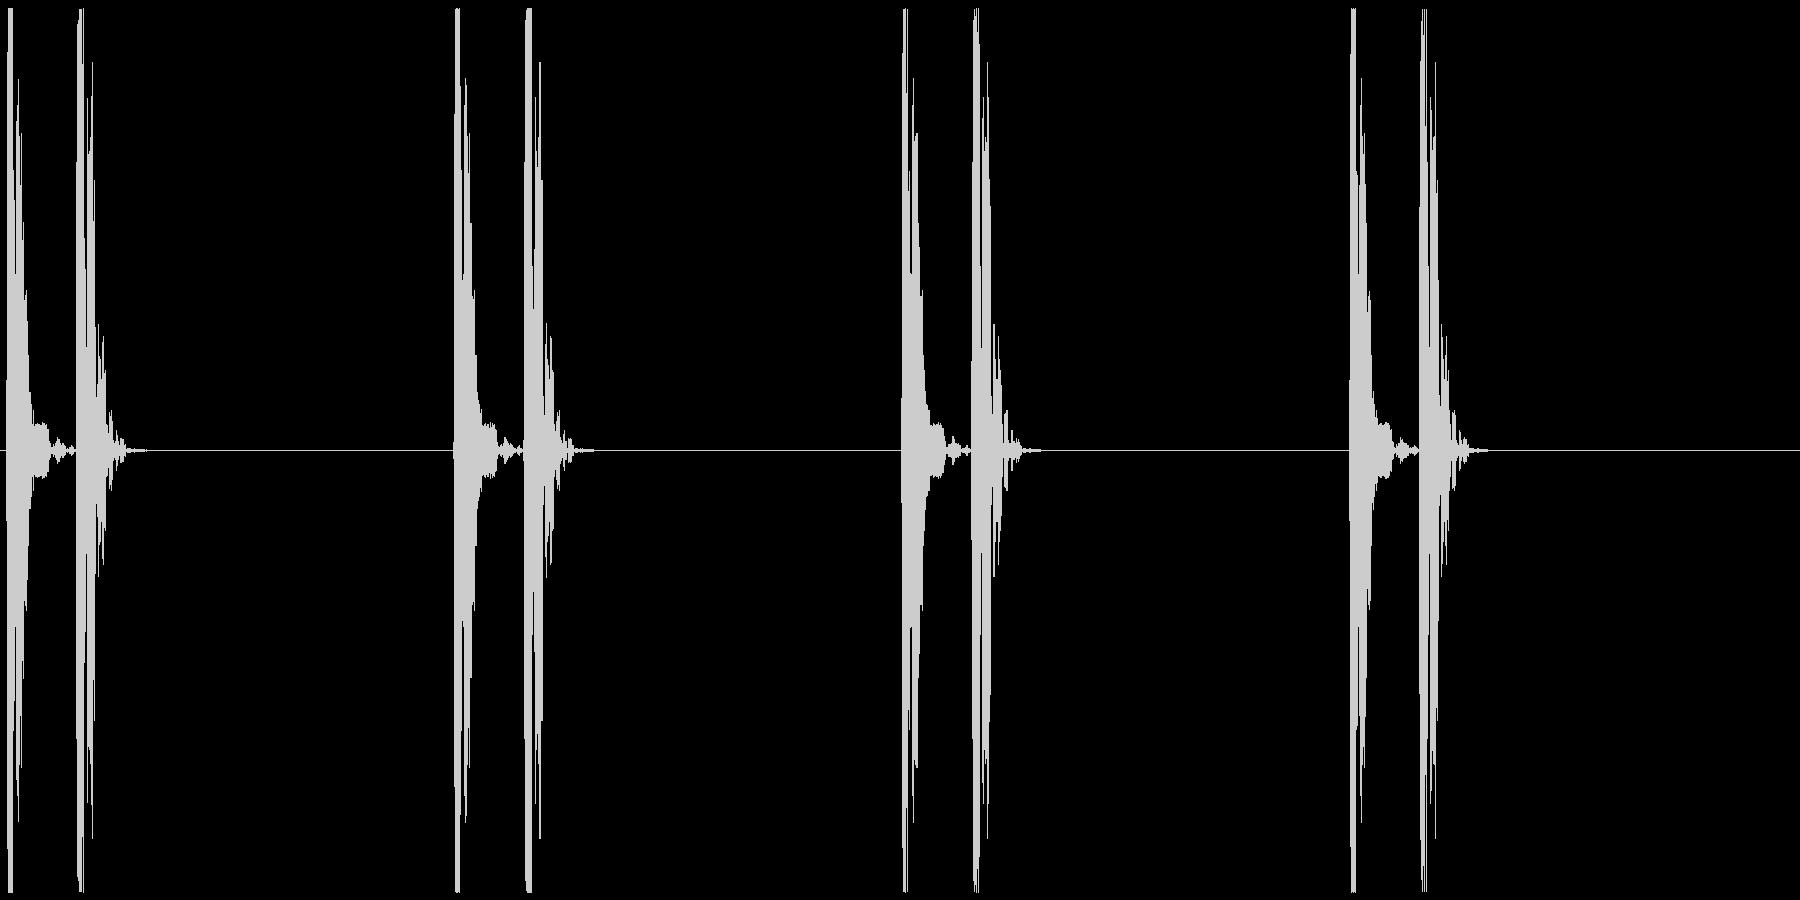 ドックン...(心臓、鼓動、心電図)の未再生の波形